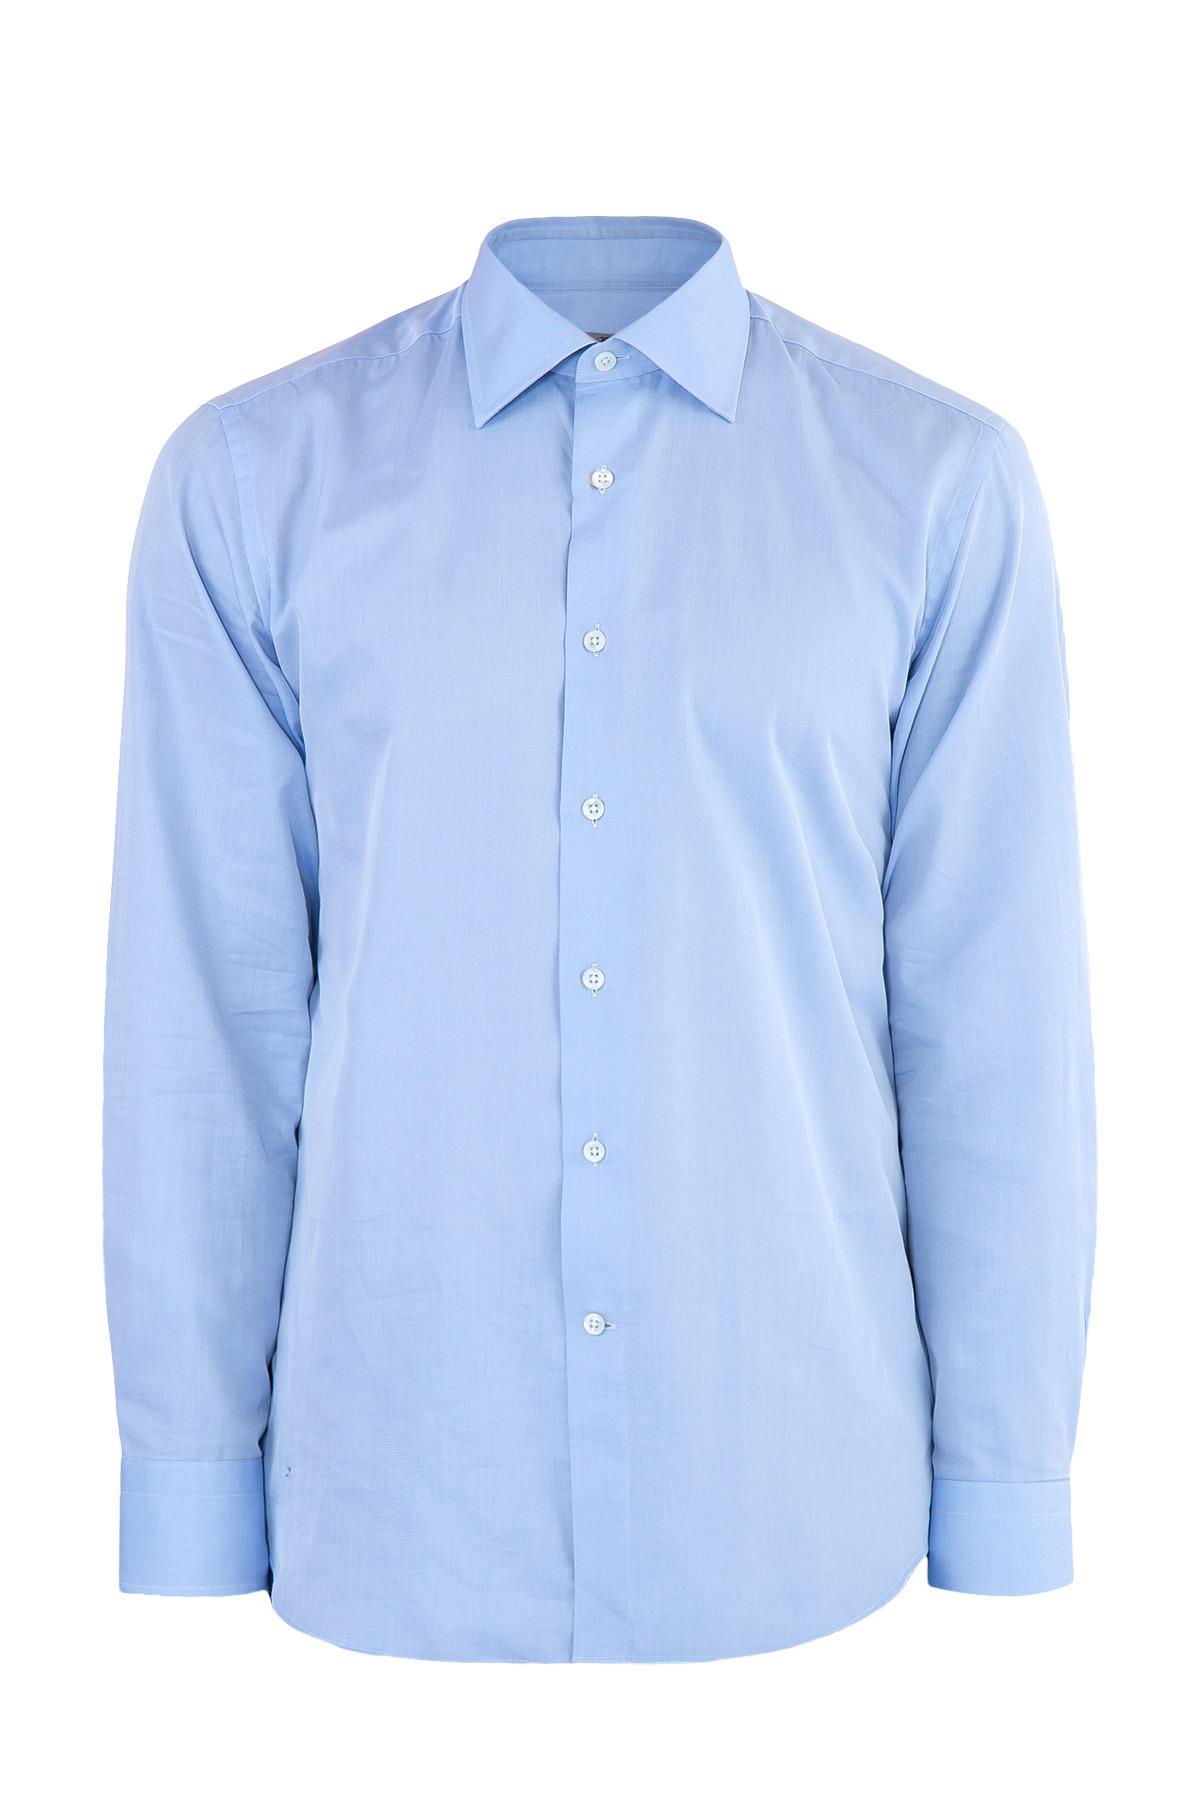 Купить Рубашка, CANALI, Италия, хлопок 100%